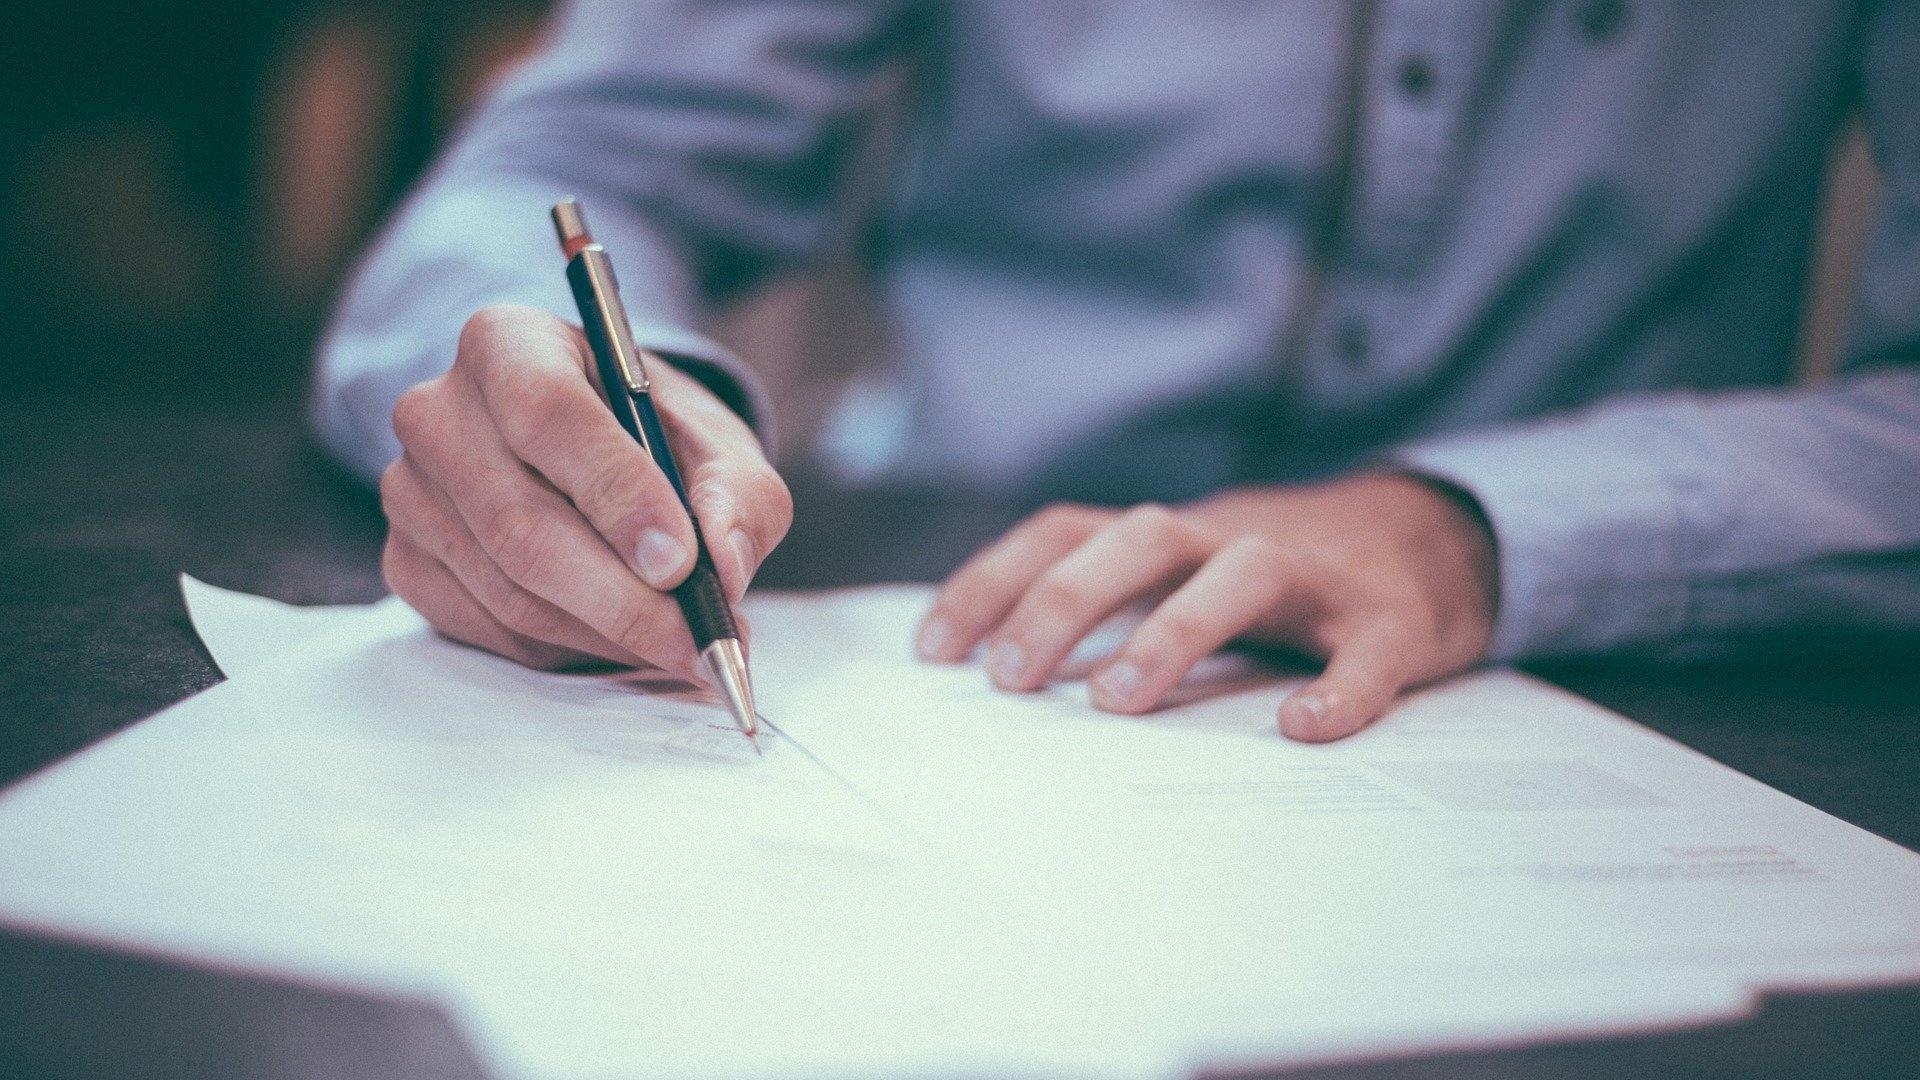 Einen Brief für andere zu unterschreiben dürfen Sie nicht ohne Absprache.